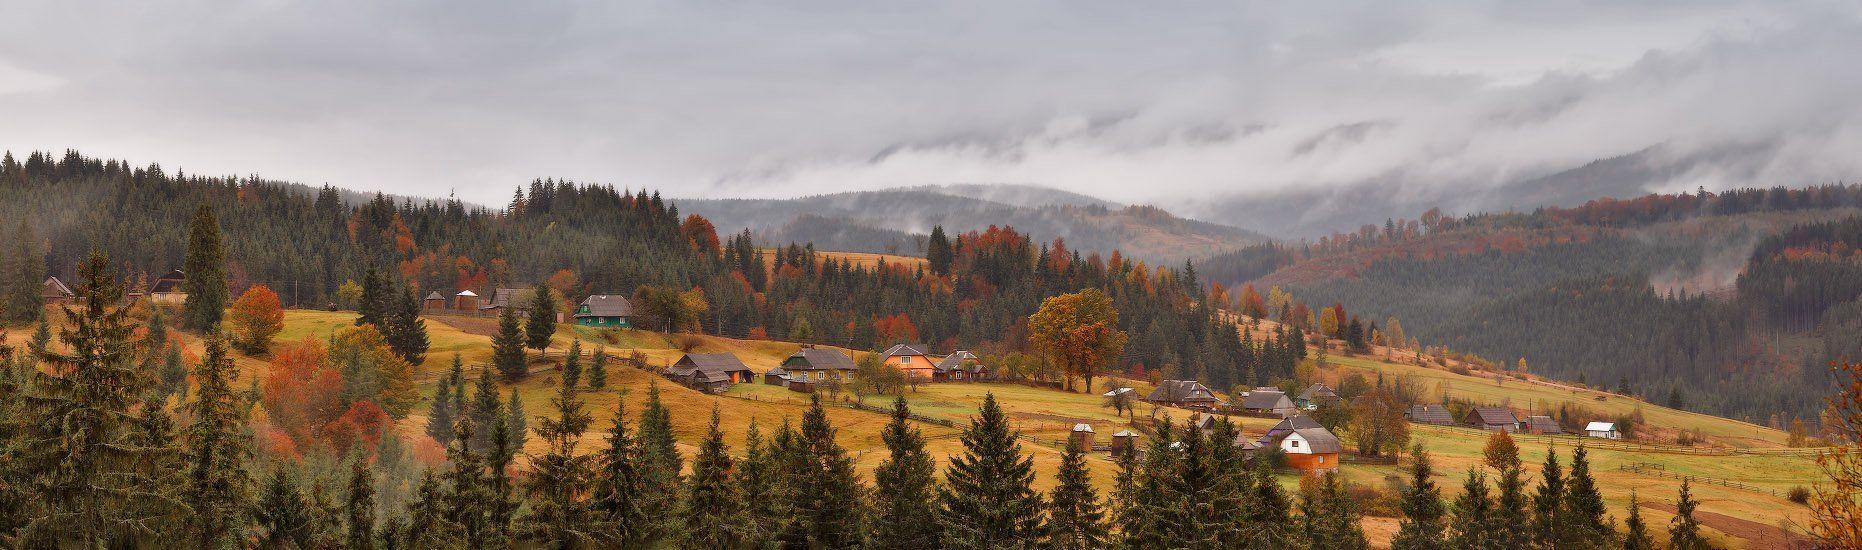 Карпаты, Октябрь, Осень, Украина, Горы, Вейзе Максим